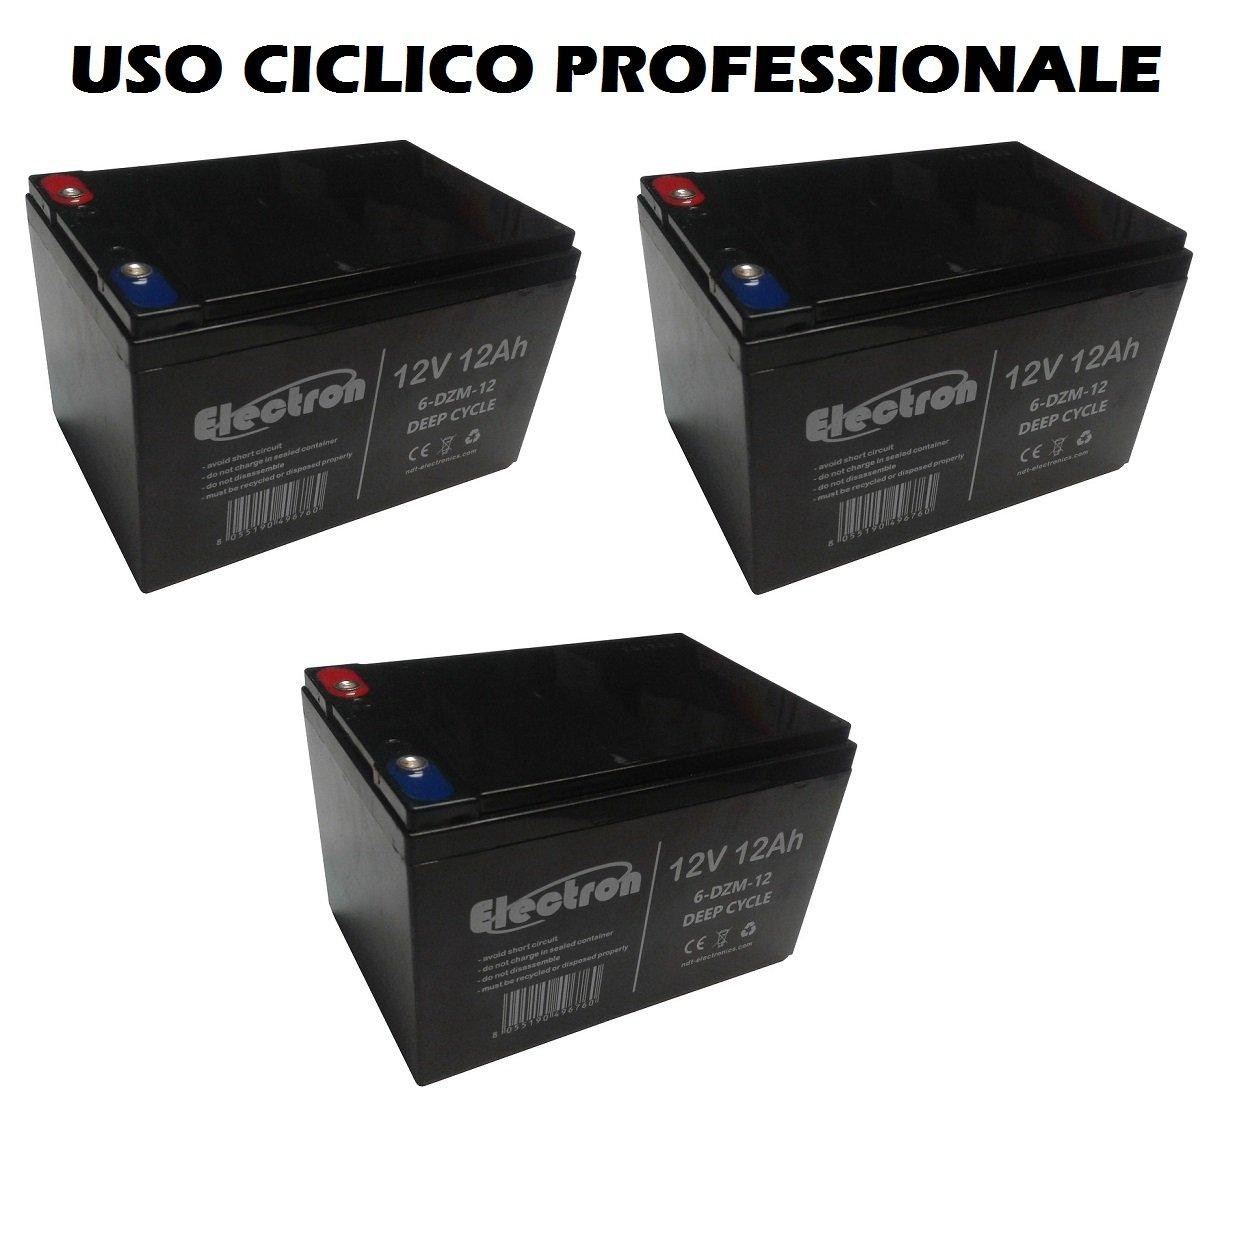 Kit 3 baterías de plomo recargable 12 V 36 V 12 Ah Ciclica batería Uso ciclico para bicicleta bicicletas eléctricas Patinetes Quad eléctricos tracción ...